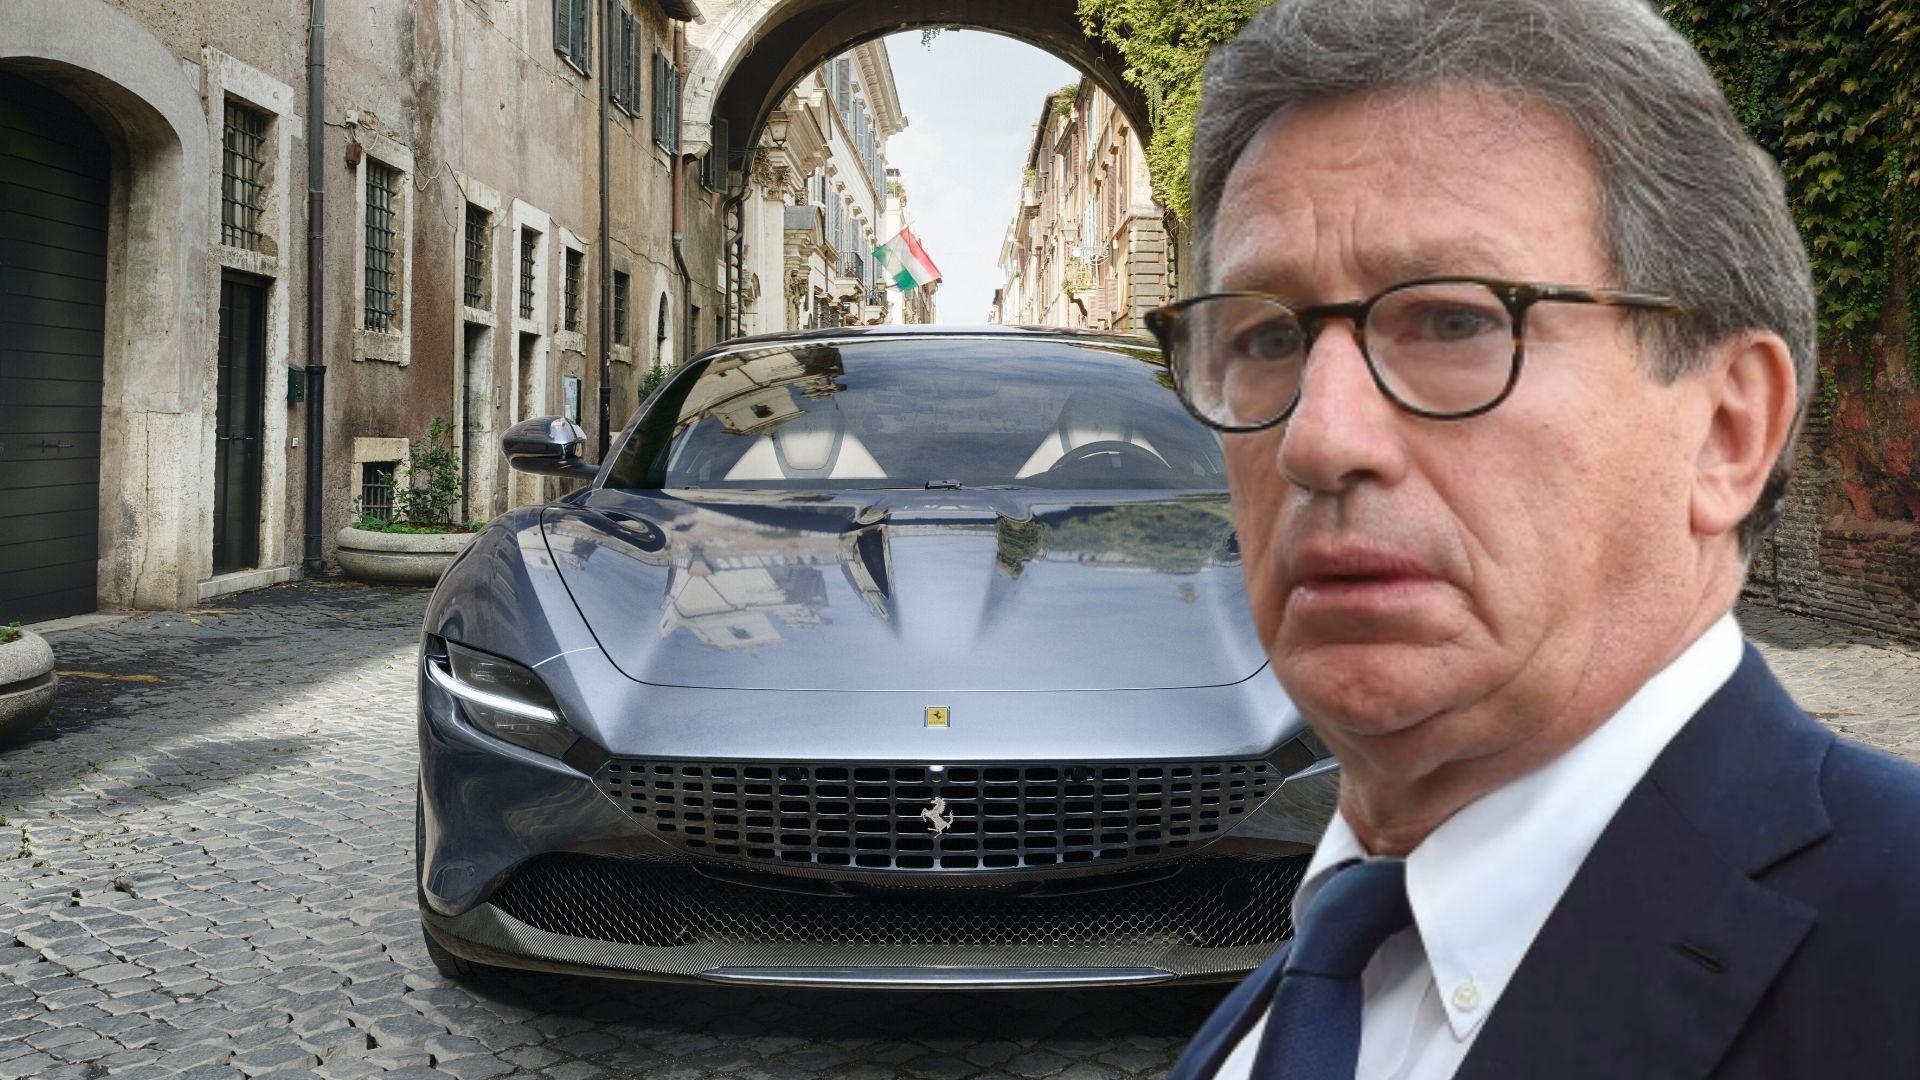 Ferrari Roma costo del fallimento automotive 2019